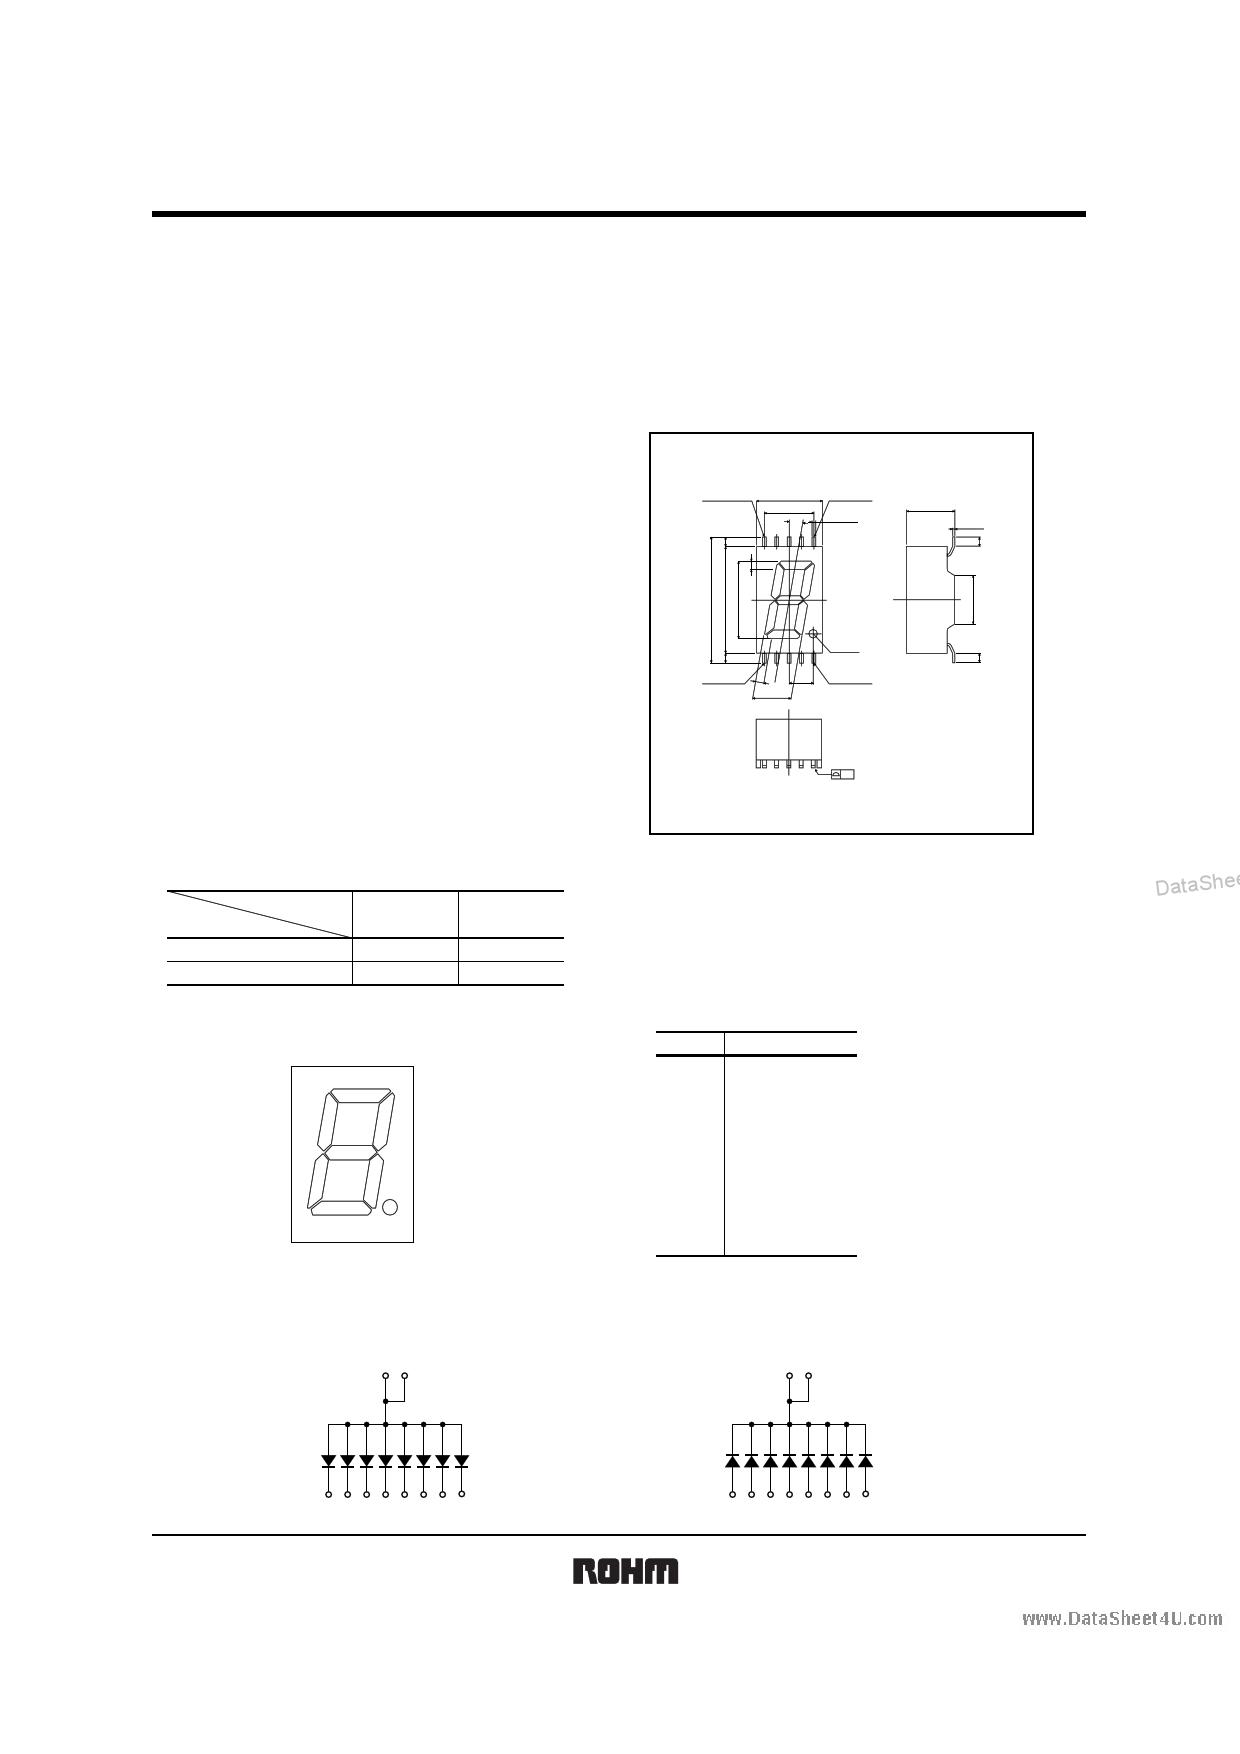 lf-301k datasheet pdf   pinout